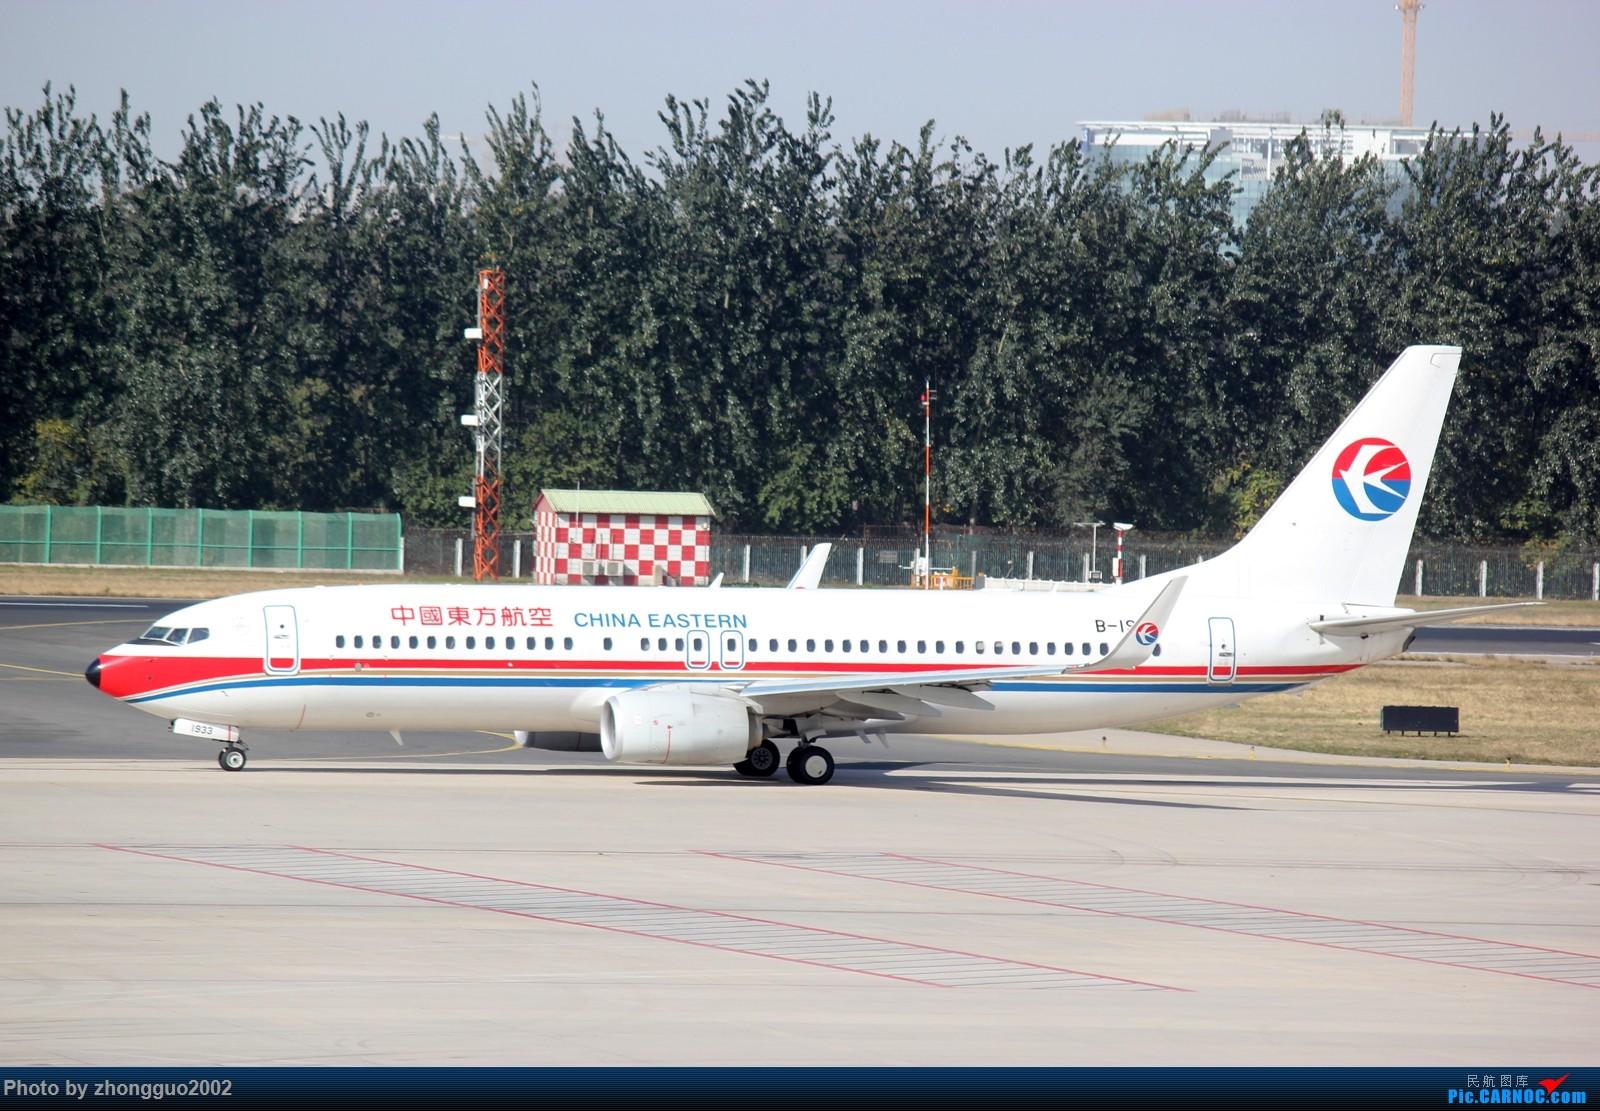 Re:[原创]【BLDDQ--深圳打机队】发小飞机盖楼贴,凡跟帖1字开头大陆民航飞机图的,每图五架小飞机不重复 BOEING 737-800 B-1933 中国北京首都国际机场